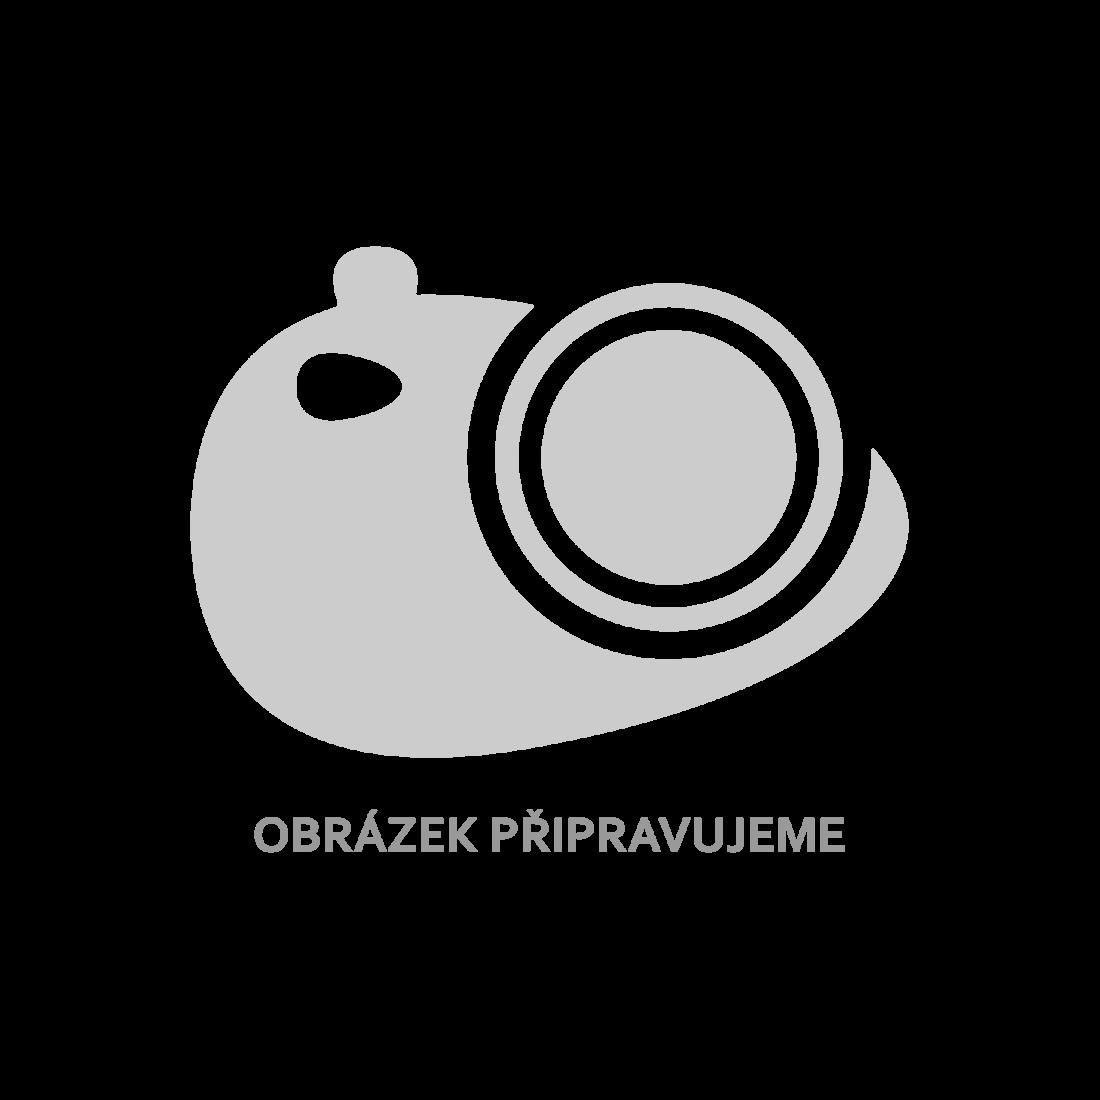 vidaXL Rám postele 2 zásuvky medově hnědý masivní borovice 160x200 cm [3060532]